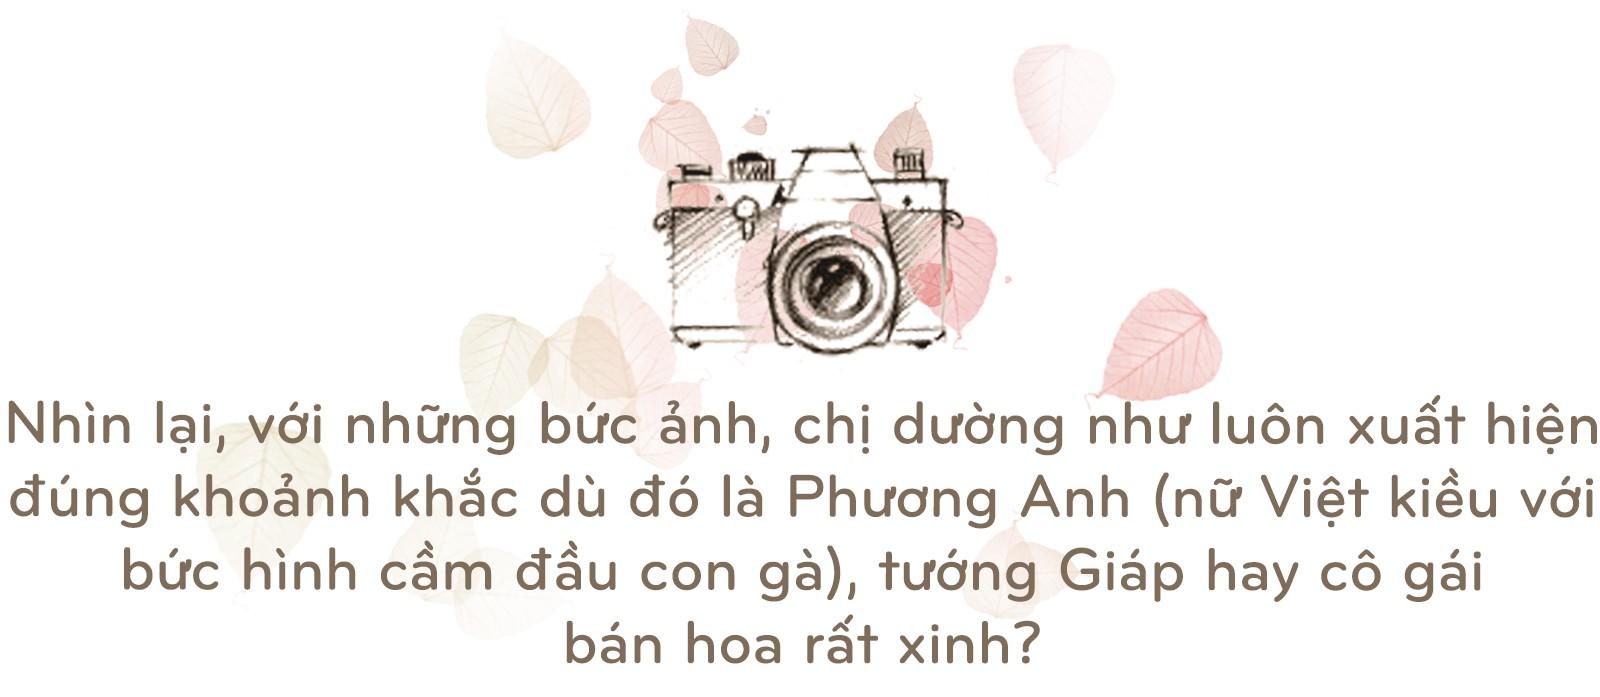 Catherine Karnow: Gặp duyên ở Việt Nam - Ảnh 3.